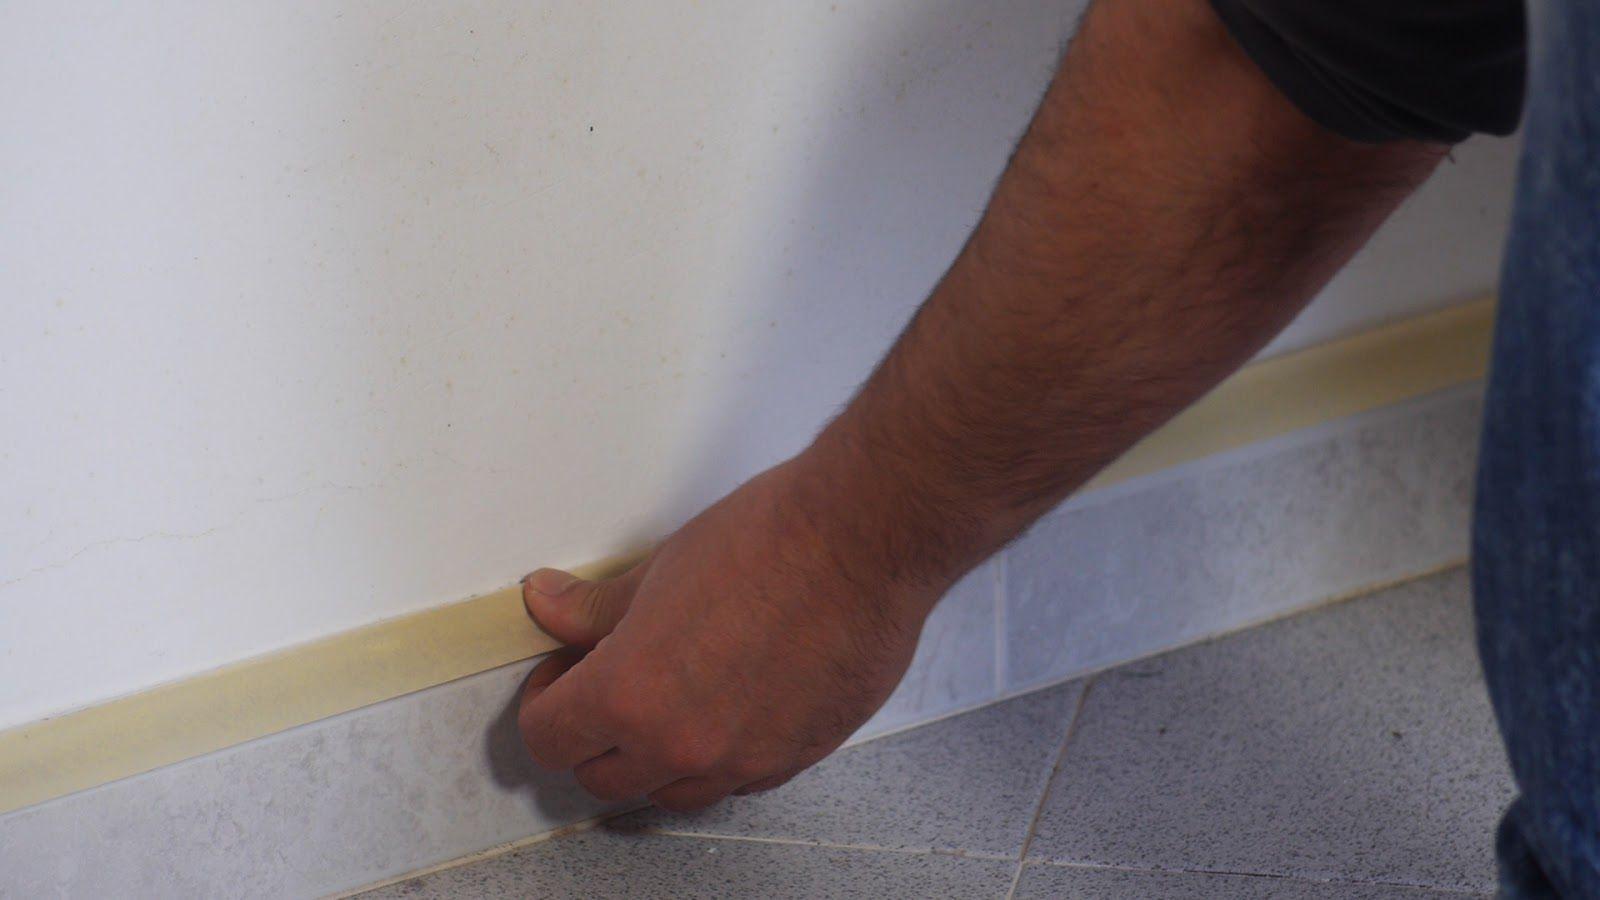 Proteger con cinta de carrocero marcos, rodapiés y enchufes